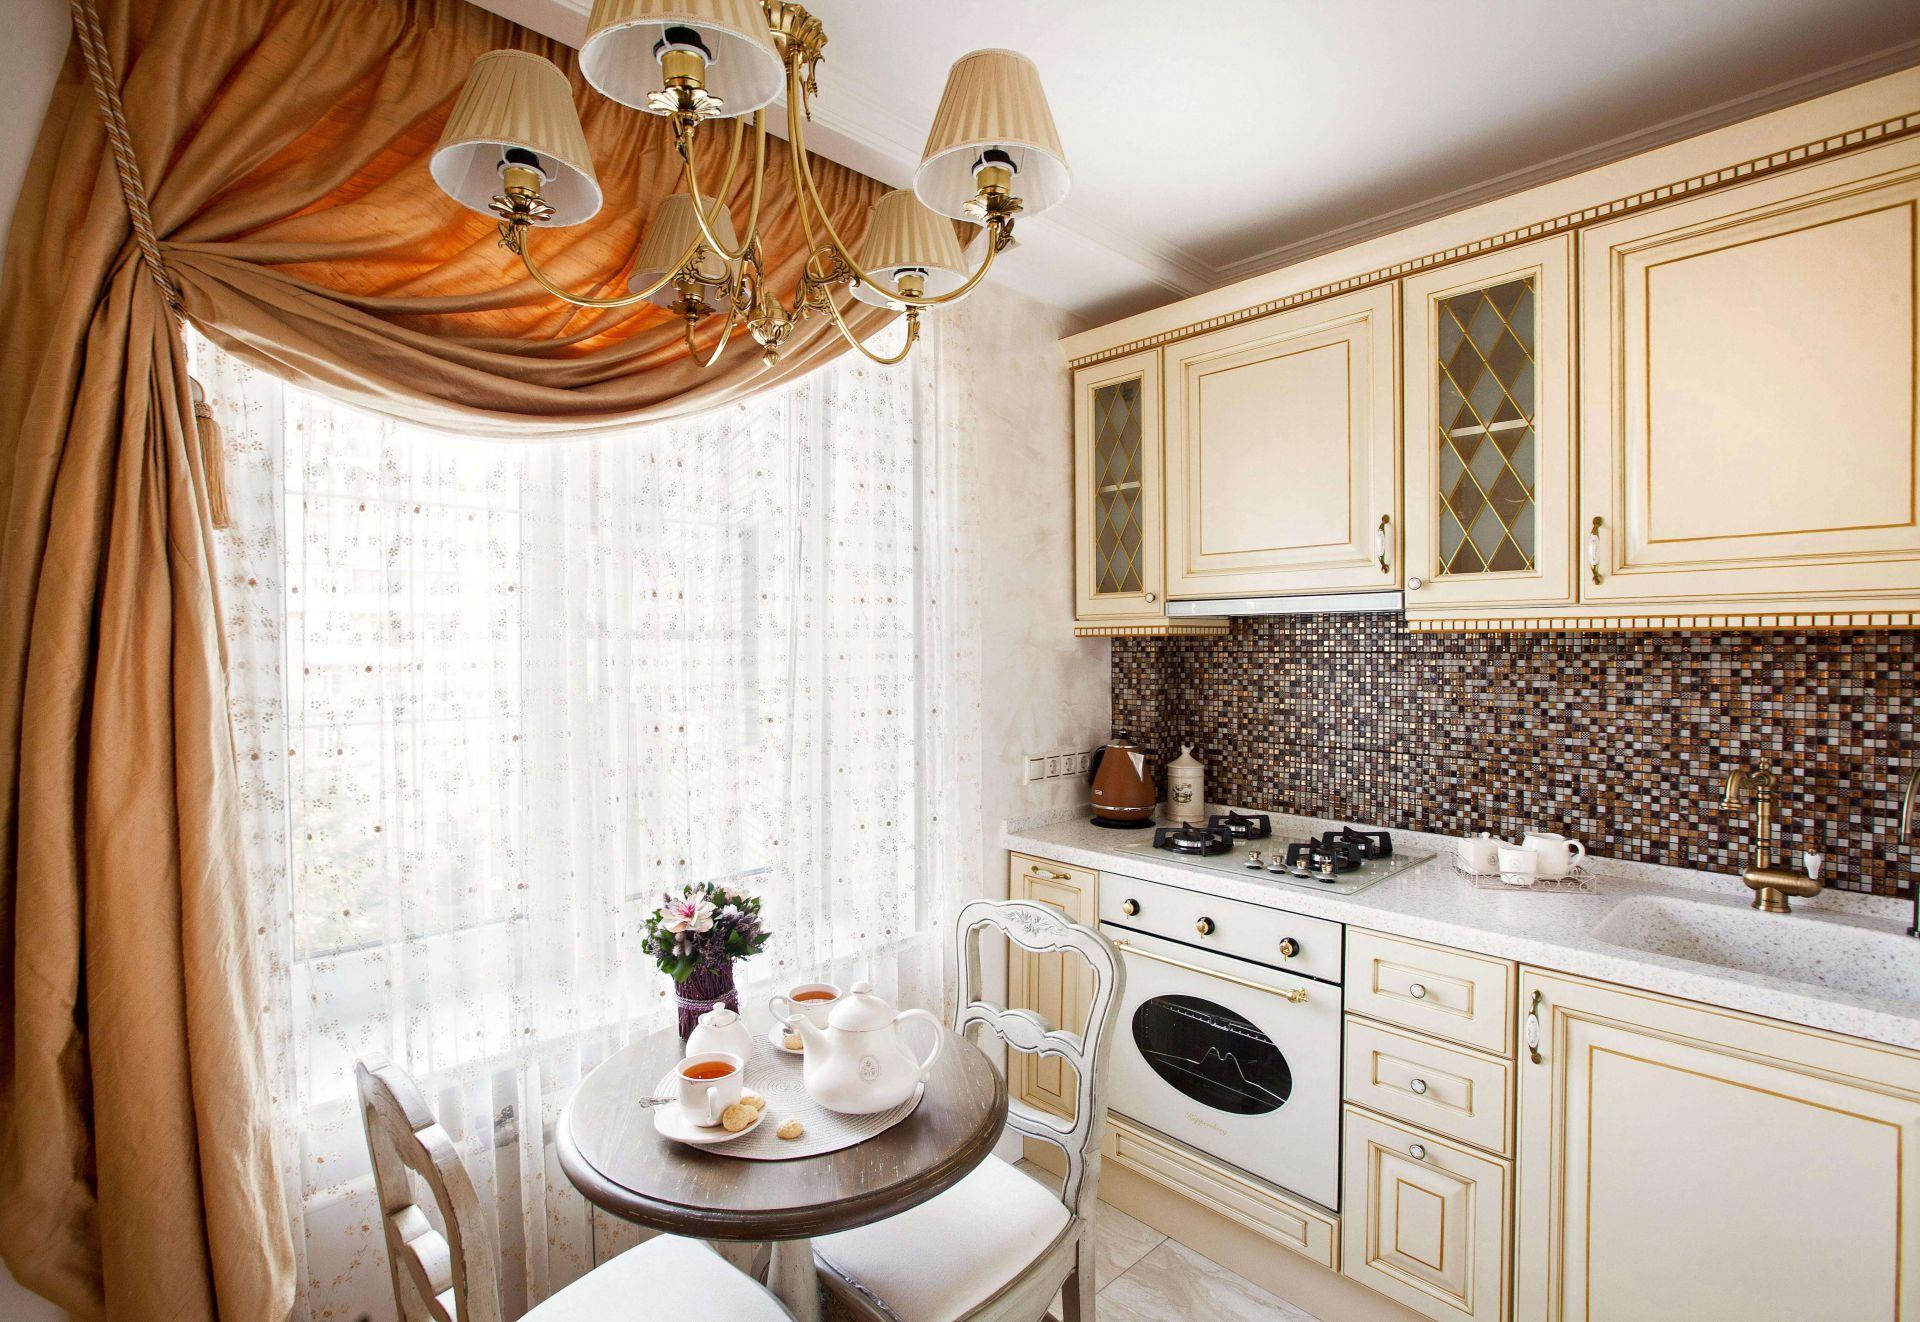 шторы для маленькой кухни фото идеи